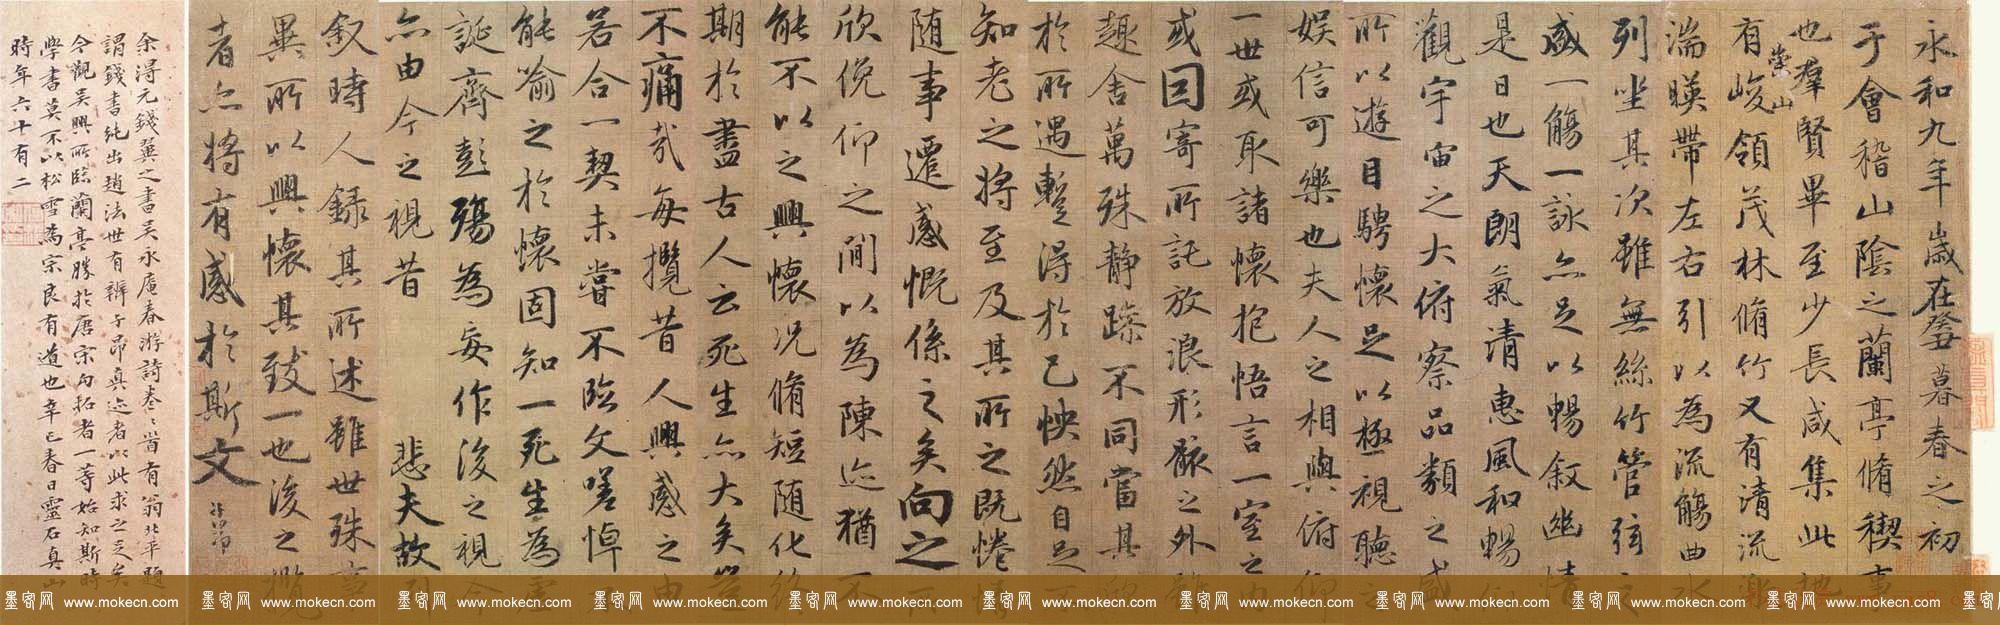 赵孟頫临《兰亭序》书法作品6种